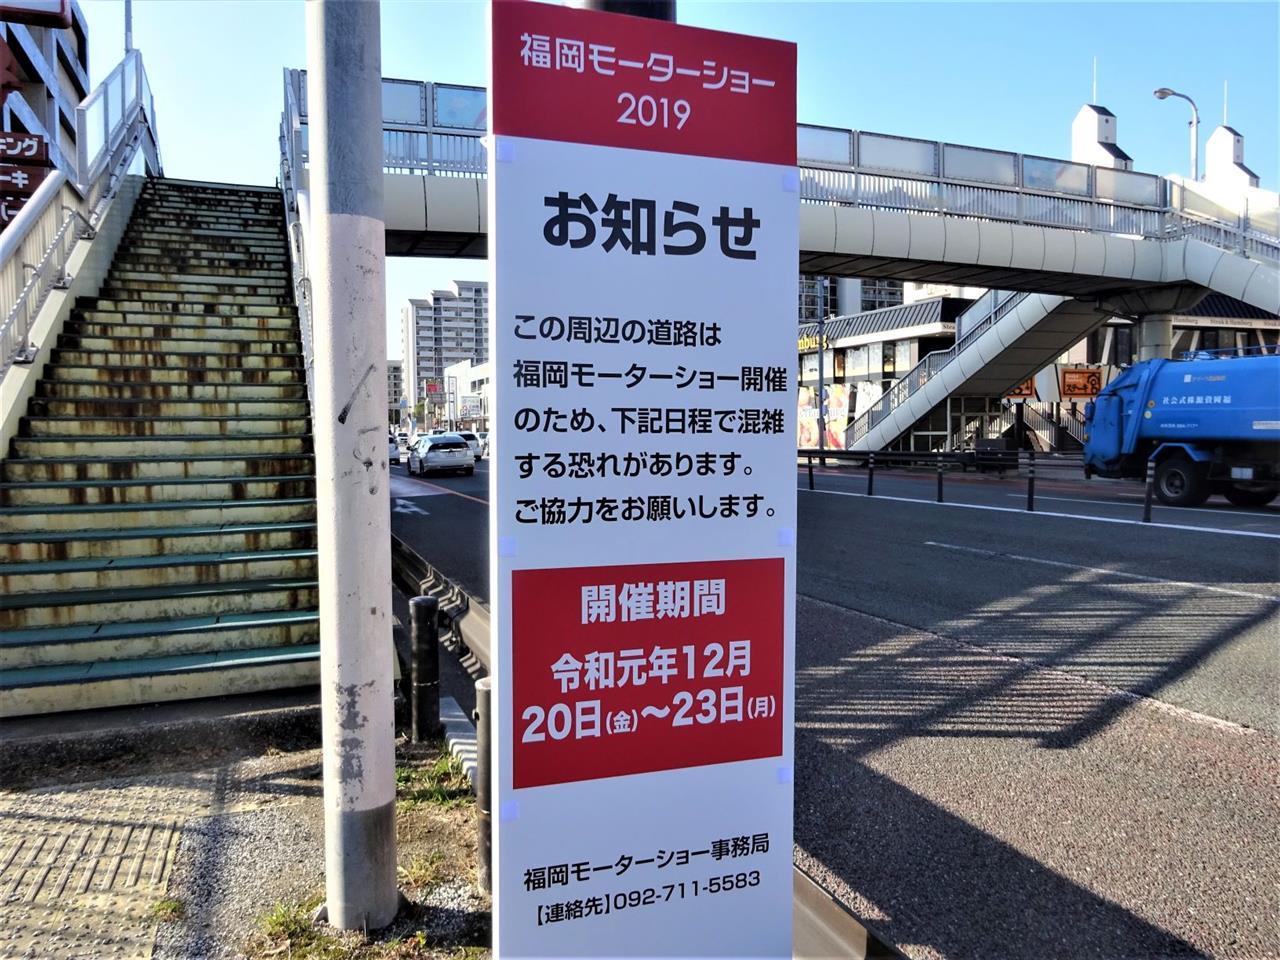 モーター 日程 福岡 ショー